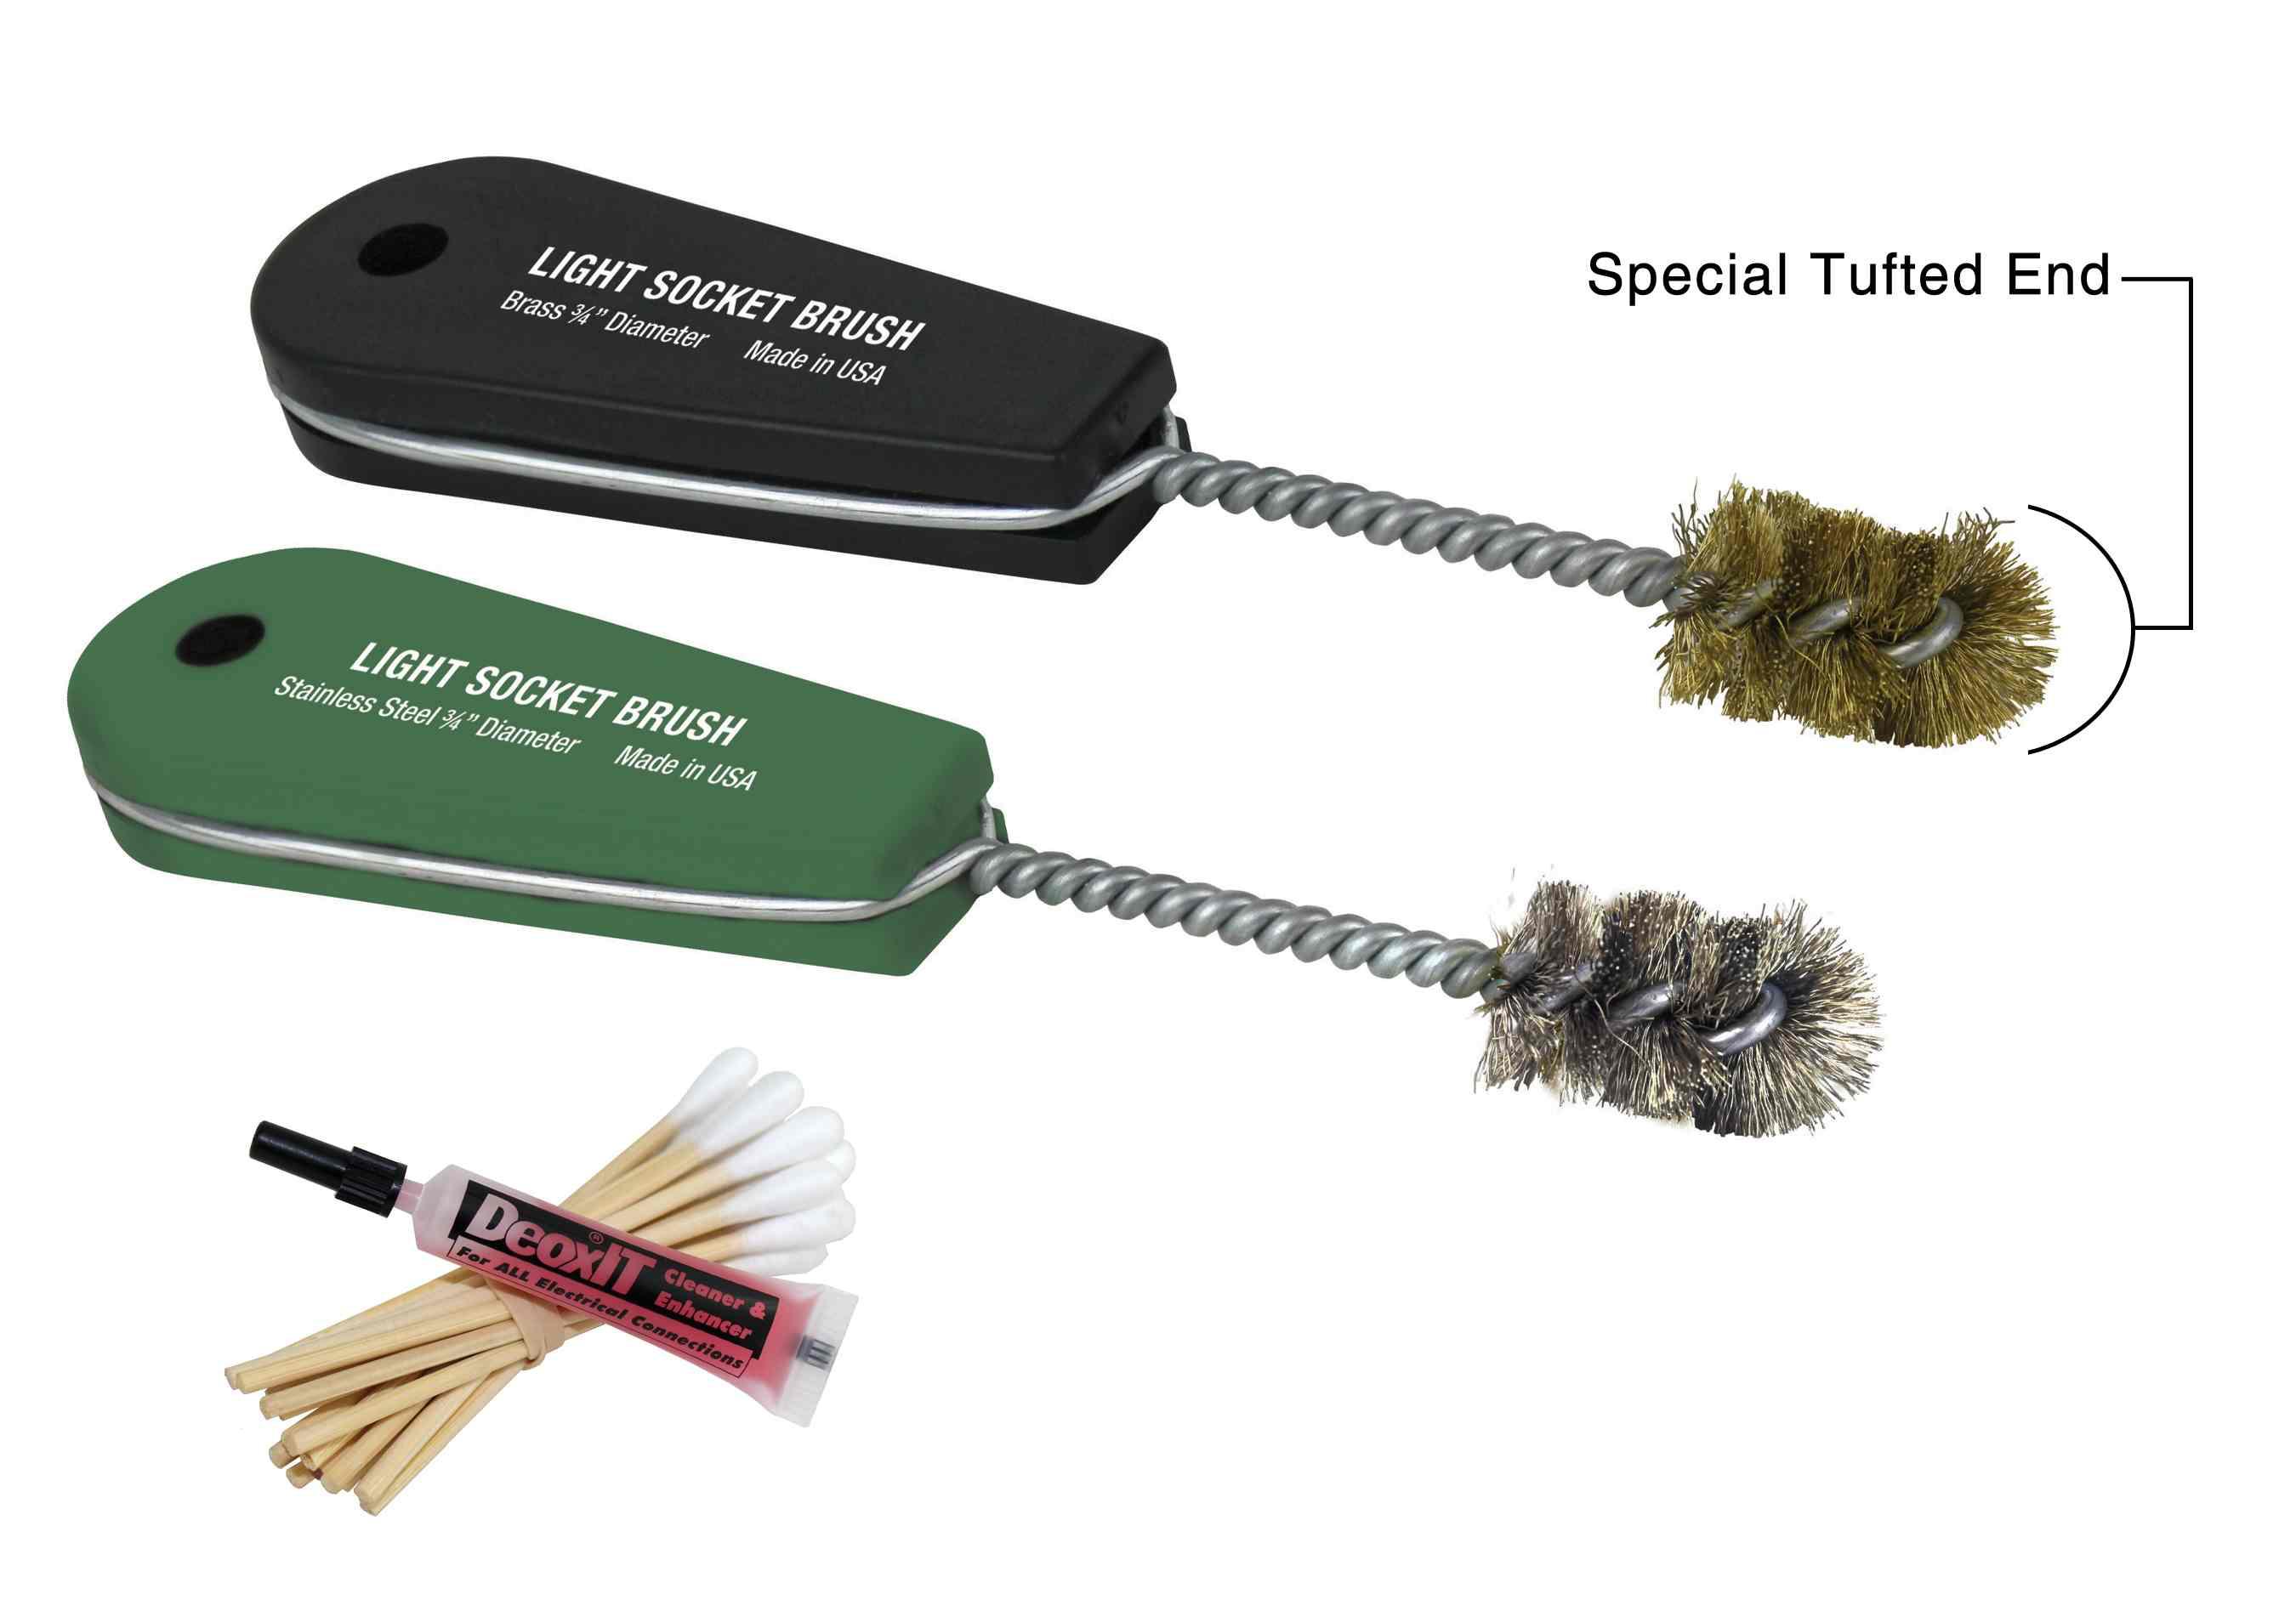 IPA Tools Light Socket Brush Set